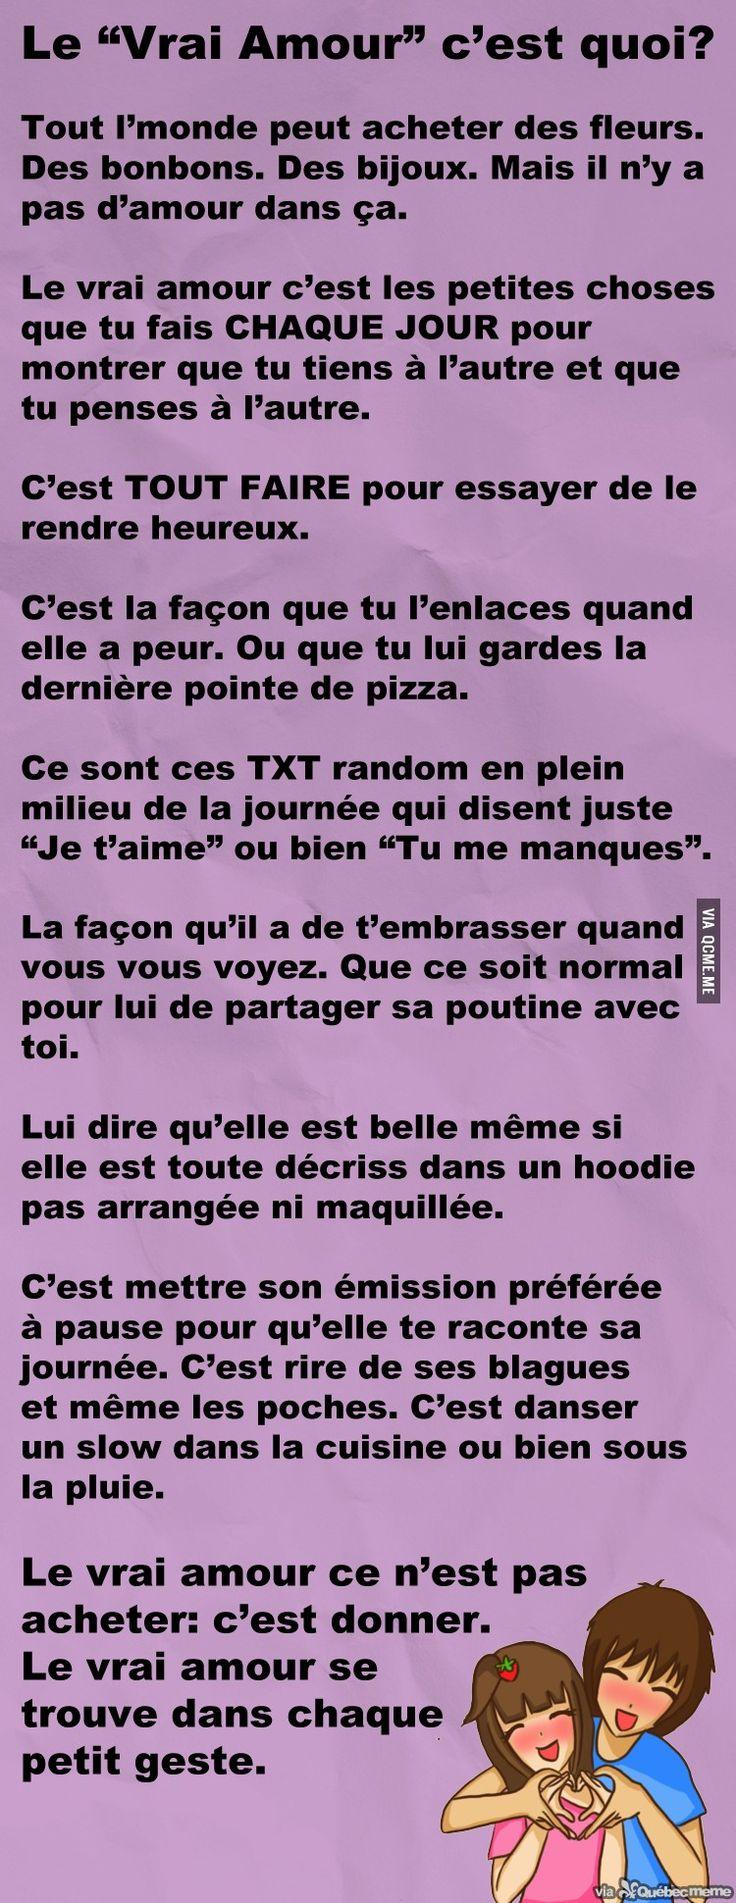 Le Vrai Amour – Québec Meme +